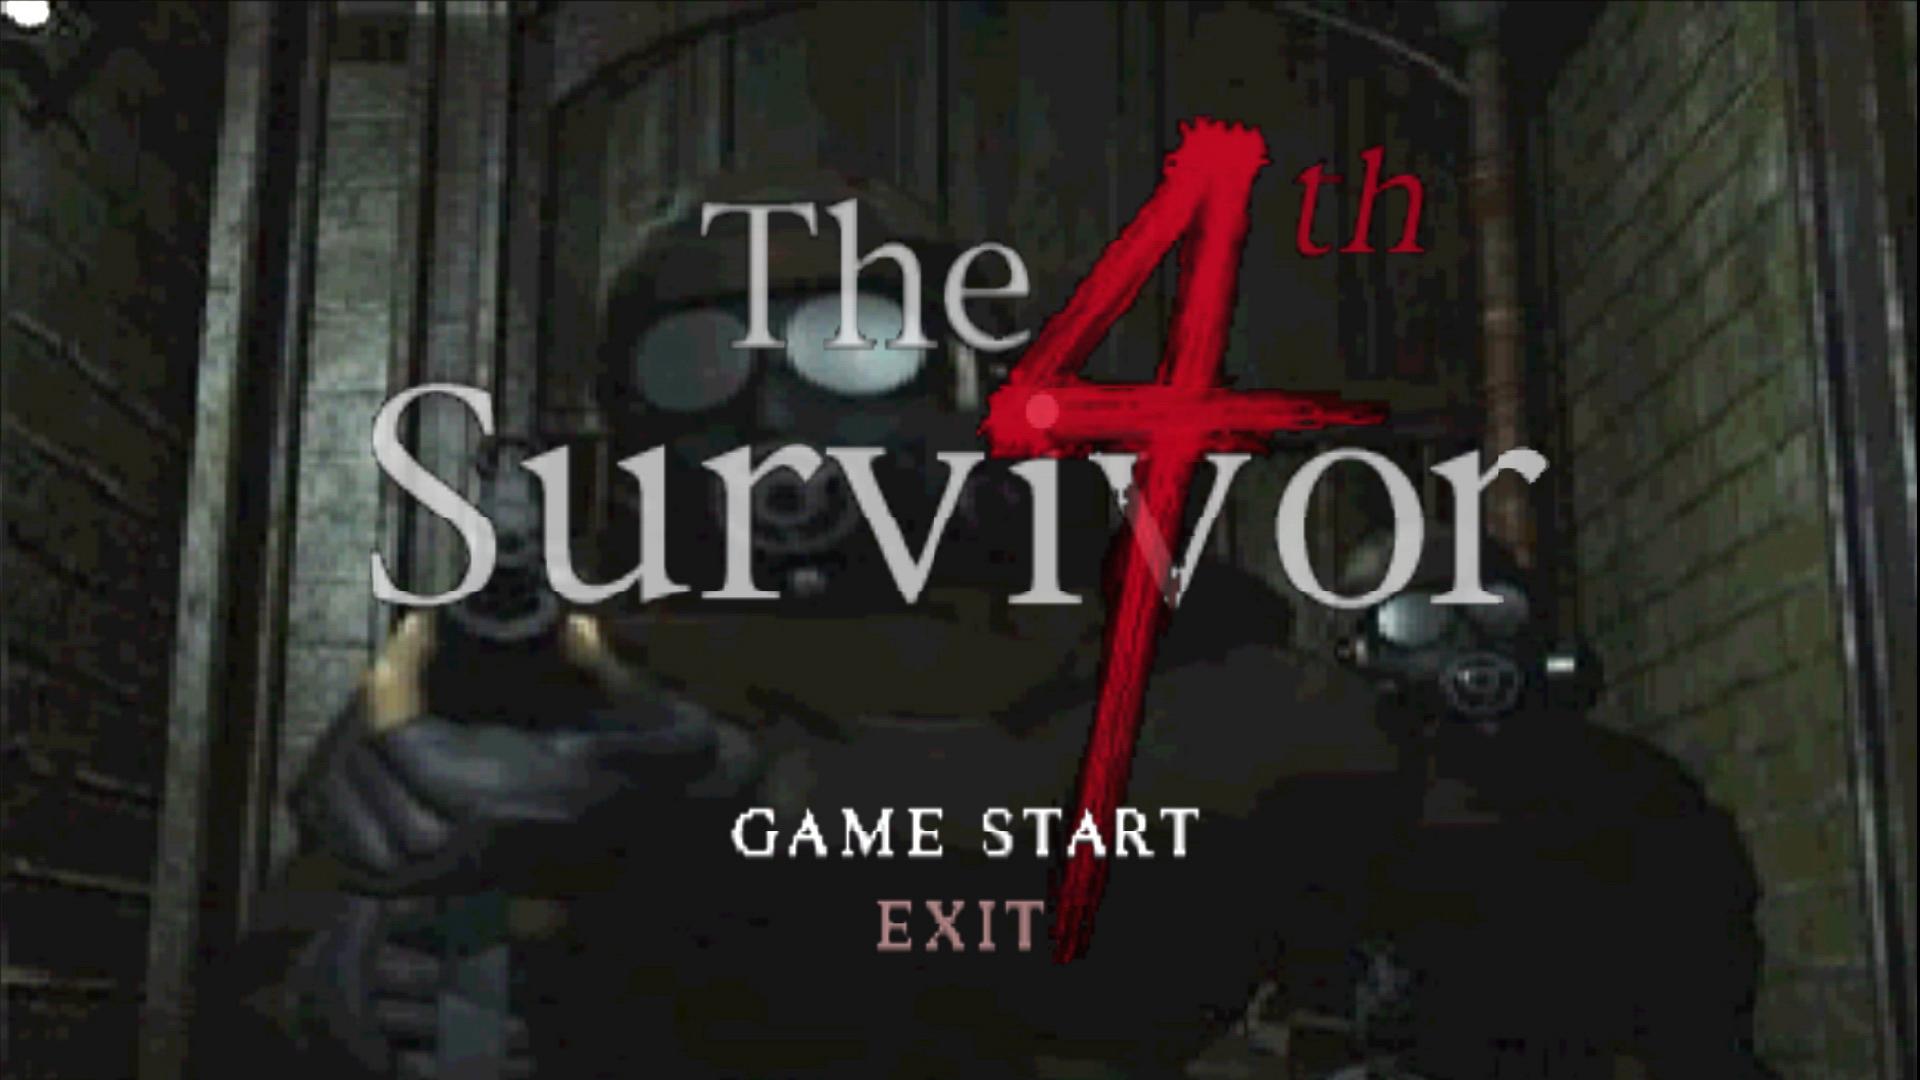 Resident Evil 2 Remake: modo 4th Survivor e modo Tofu estarão no jogo